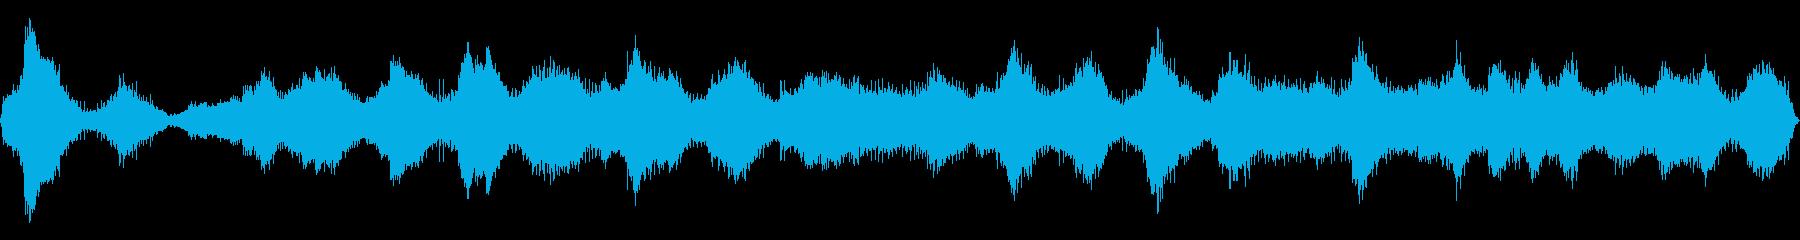 変調ピンクノイズドーナツの再生済みの波形